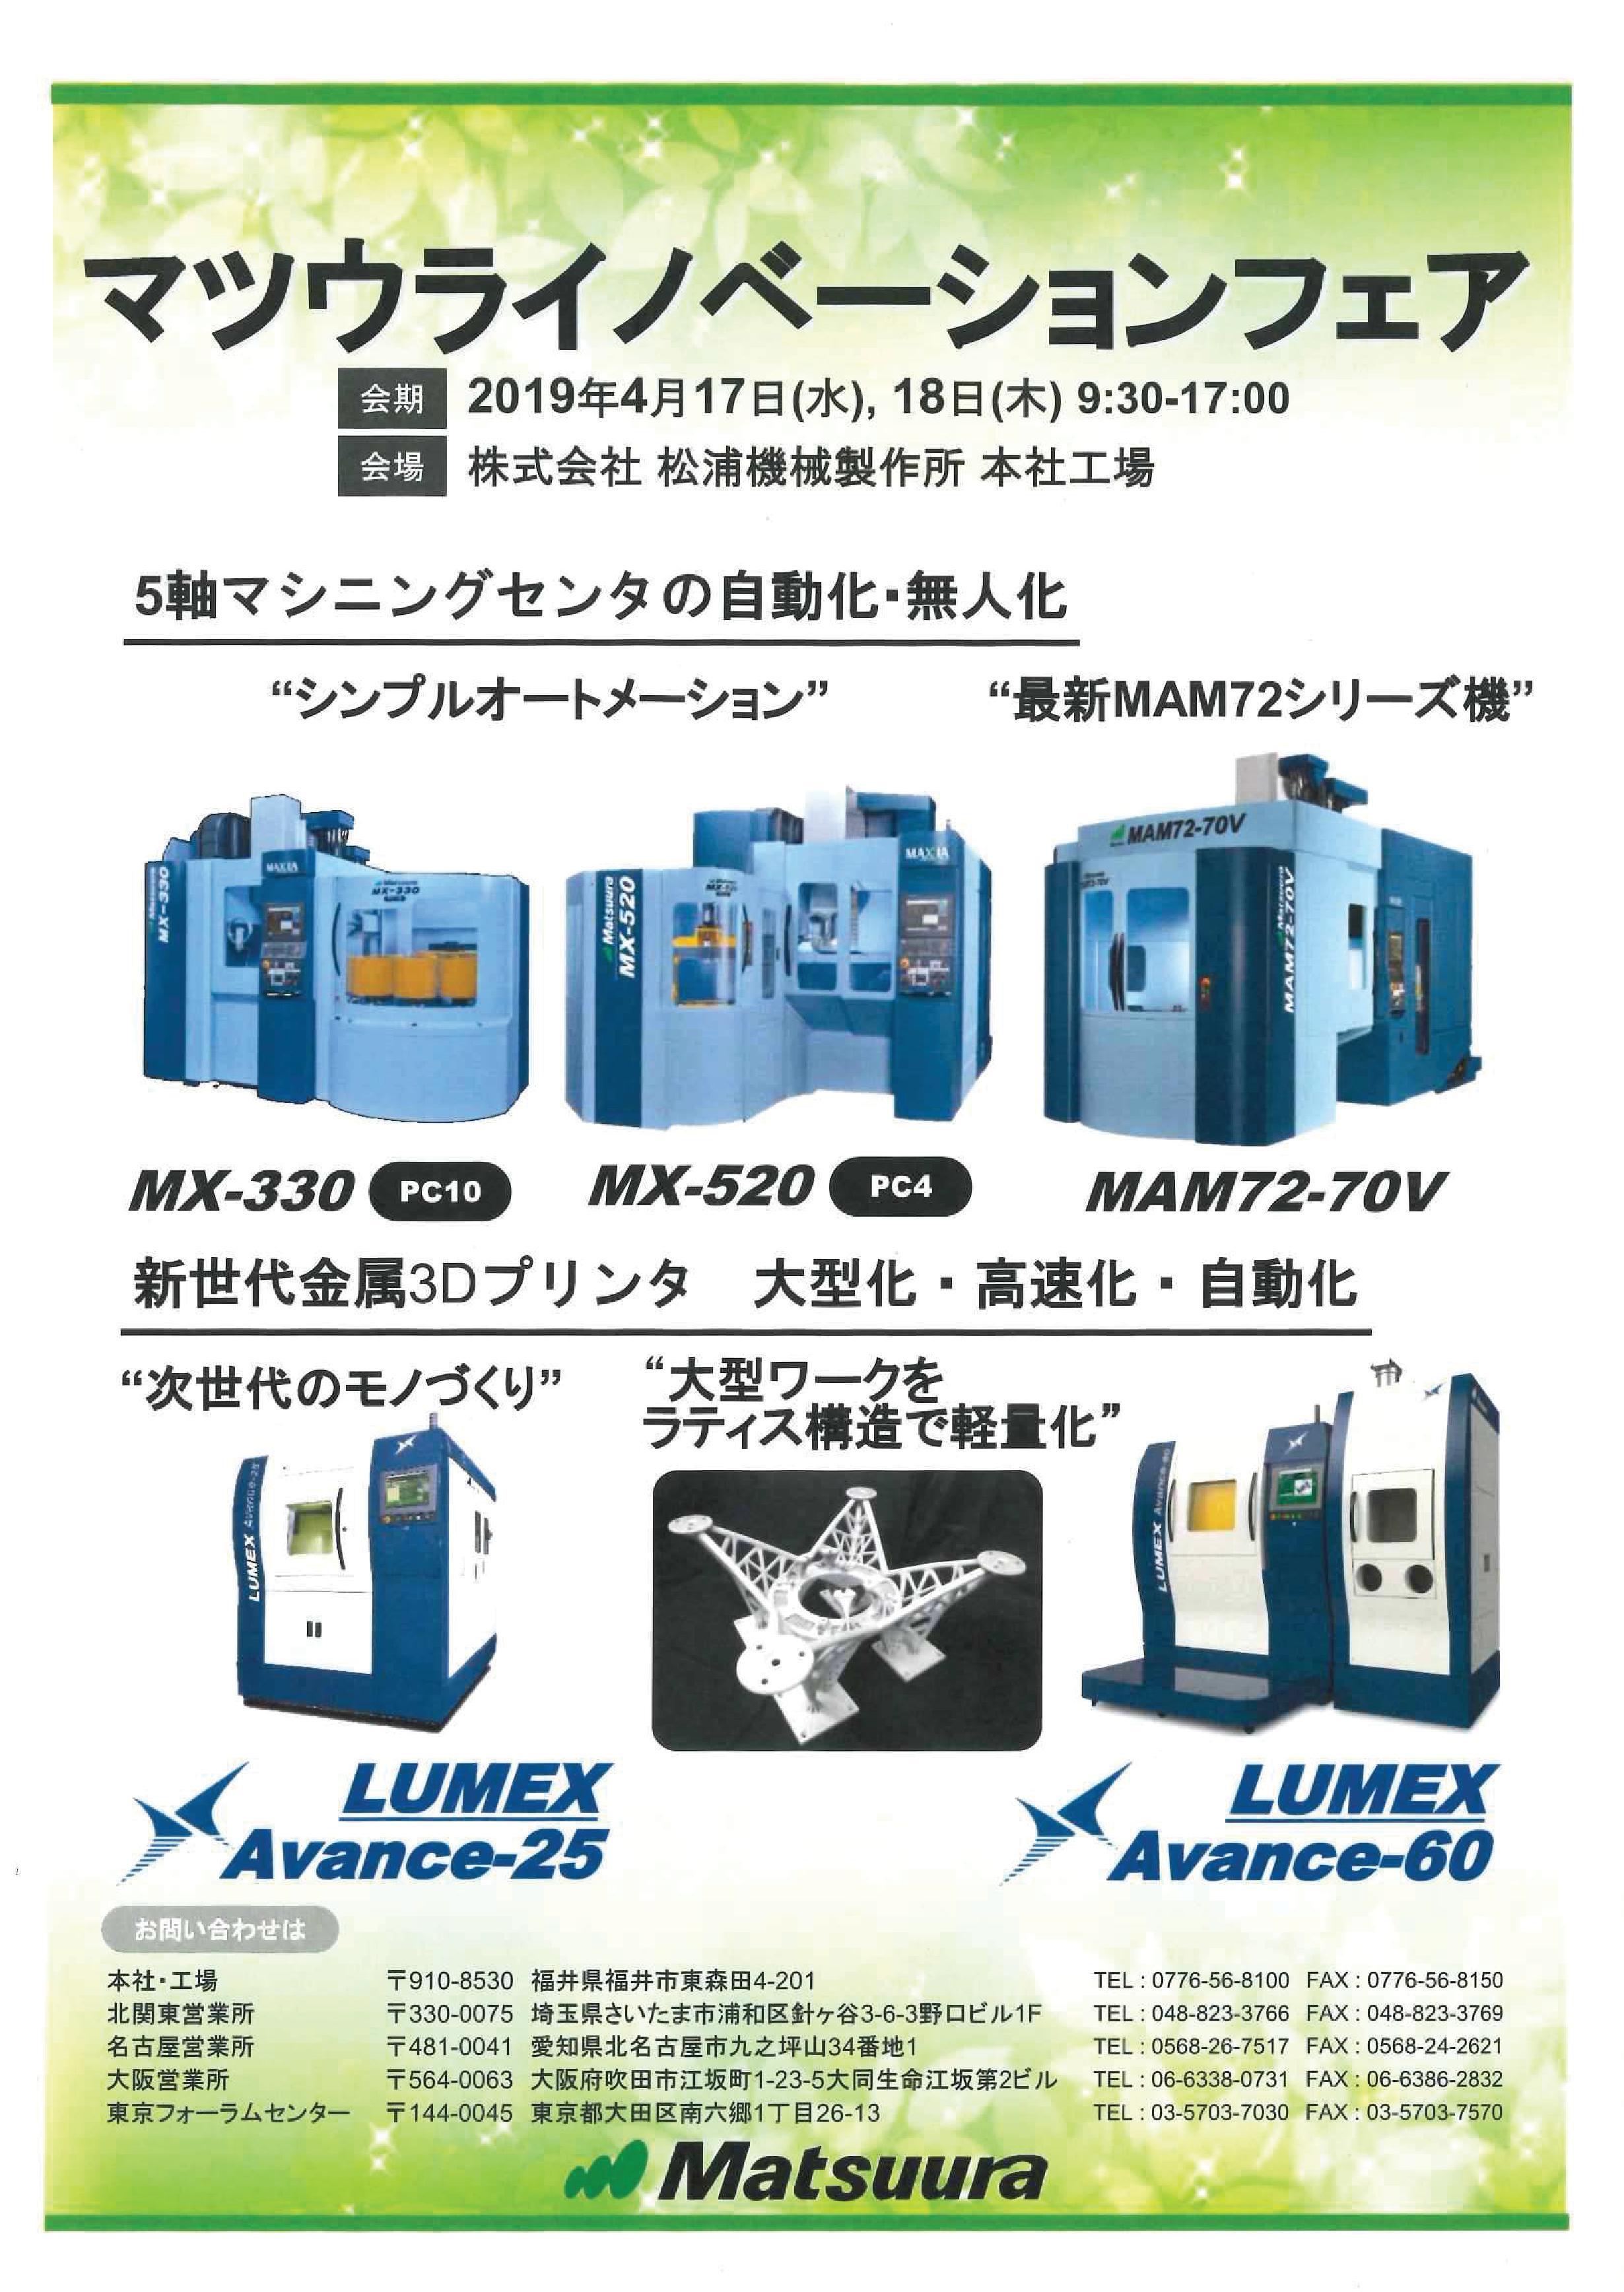 4月開催「マツウラ(松浦機械製作所)イノベージョンフェア」のお知らせ